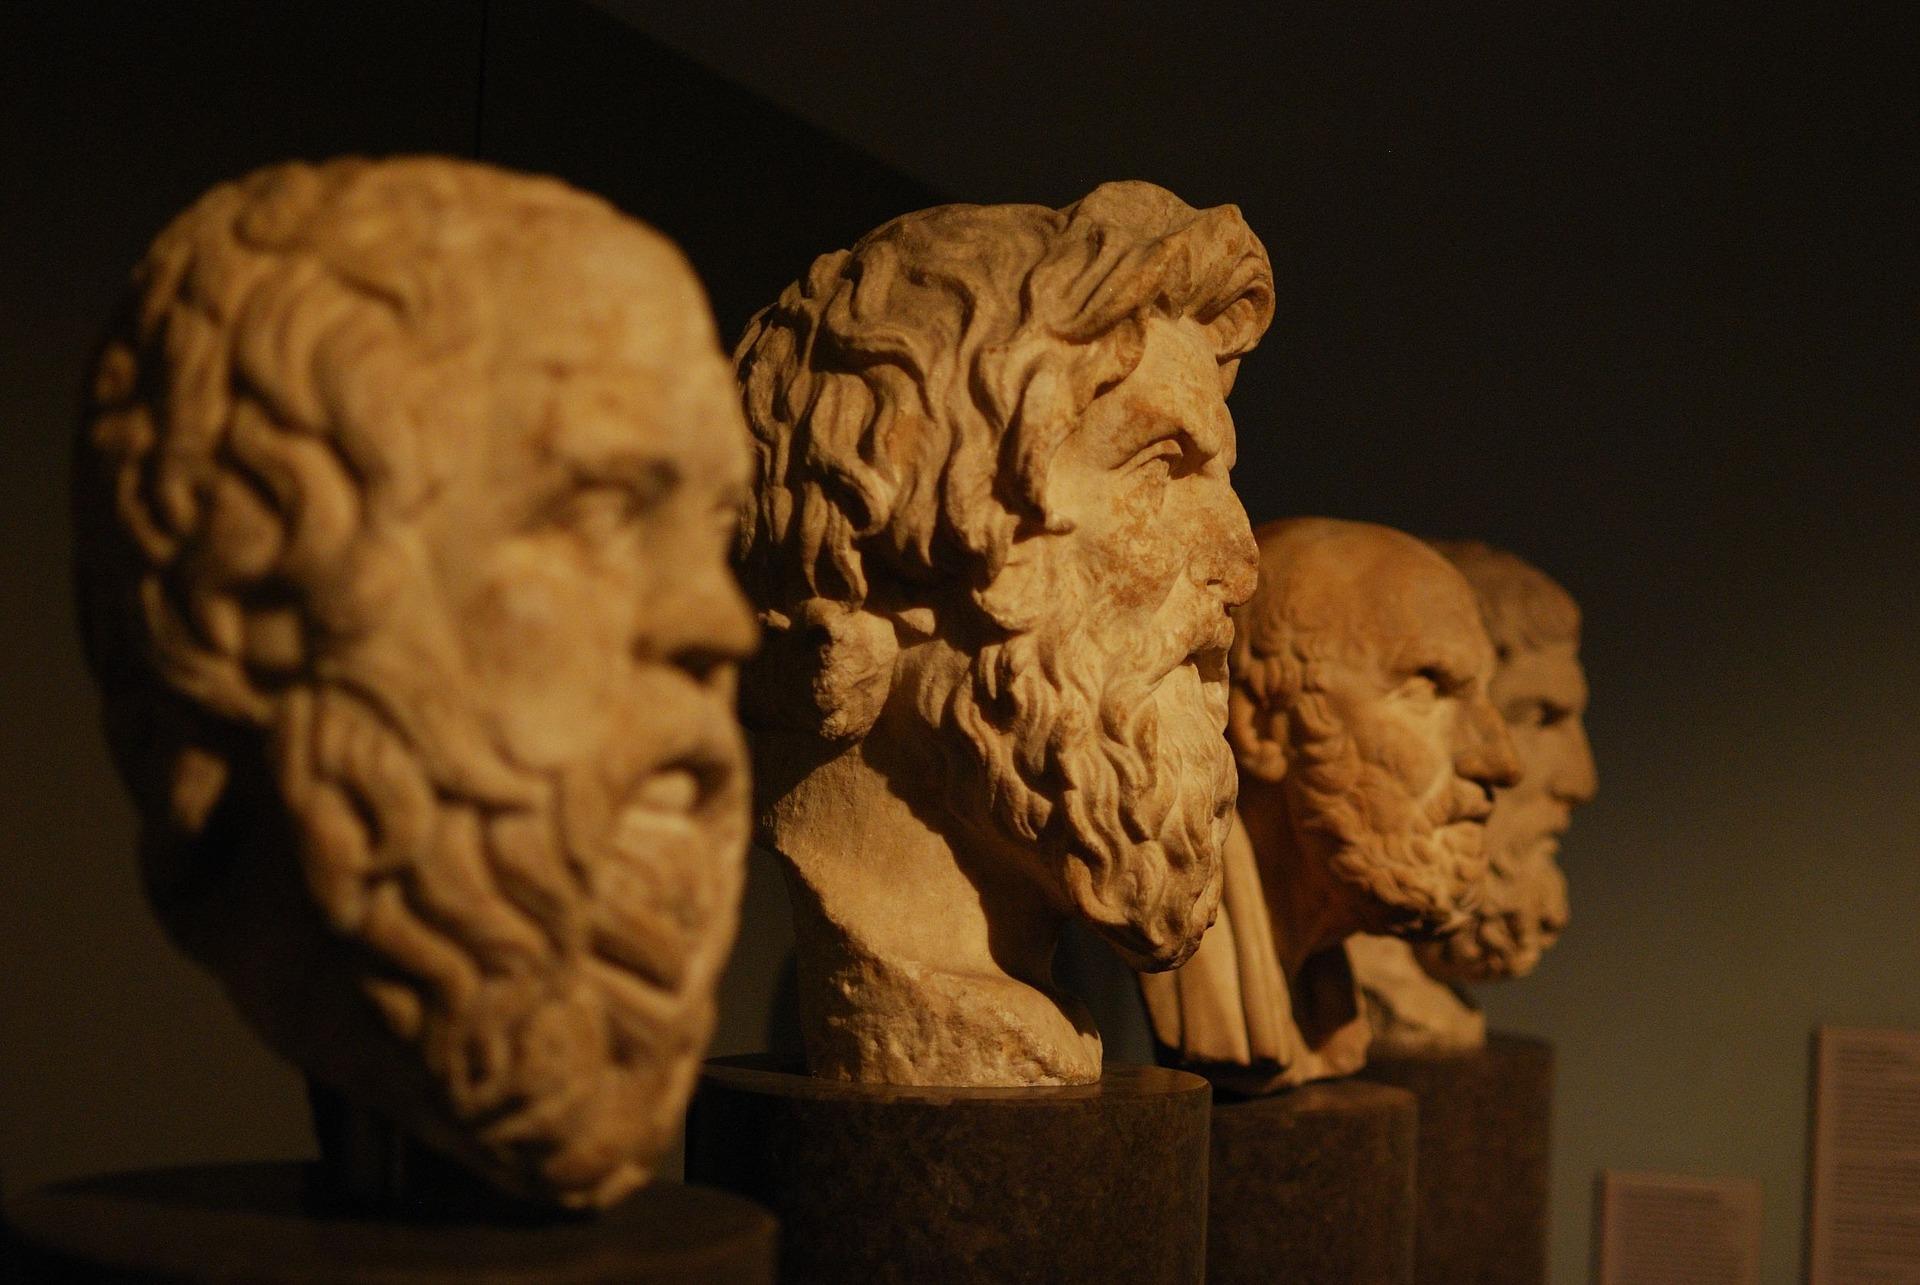 trzy role których lider powinien unikać